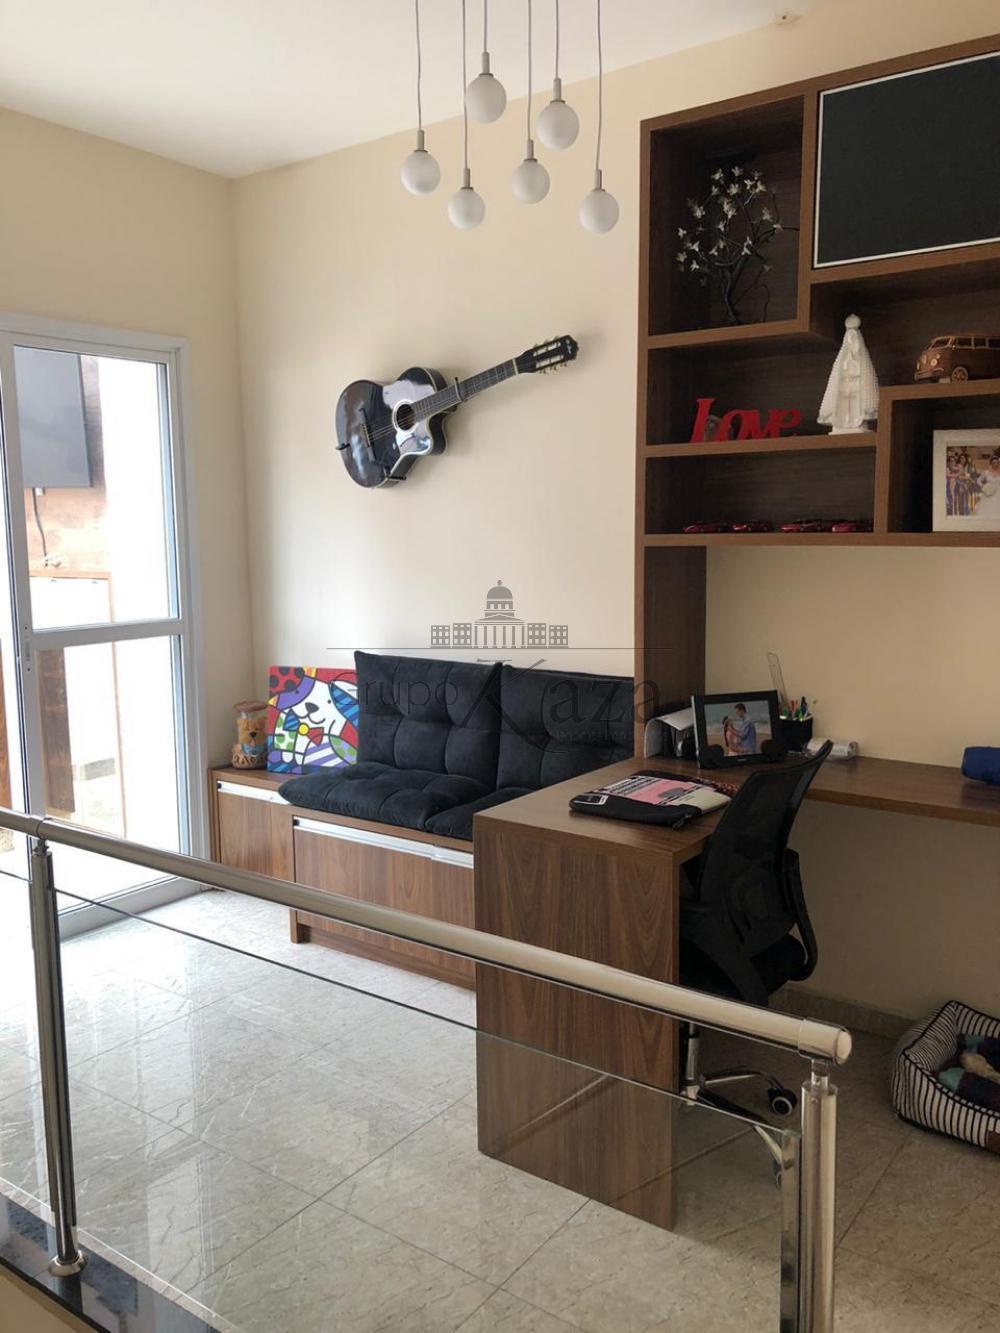 Comprar Apartamento / Cobertura Duplex em São José dos Campos apenas R$ 742.000,00 - Foto 2